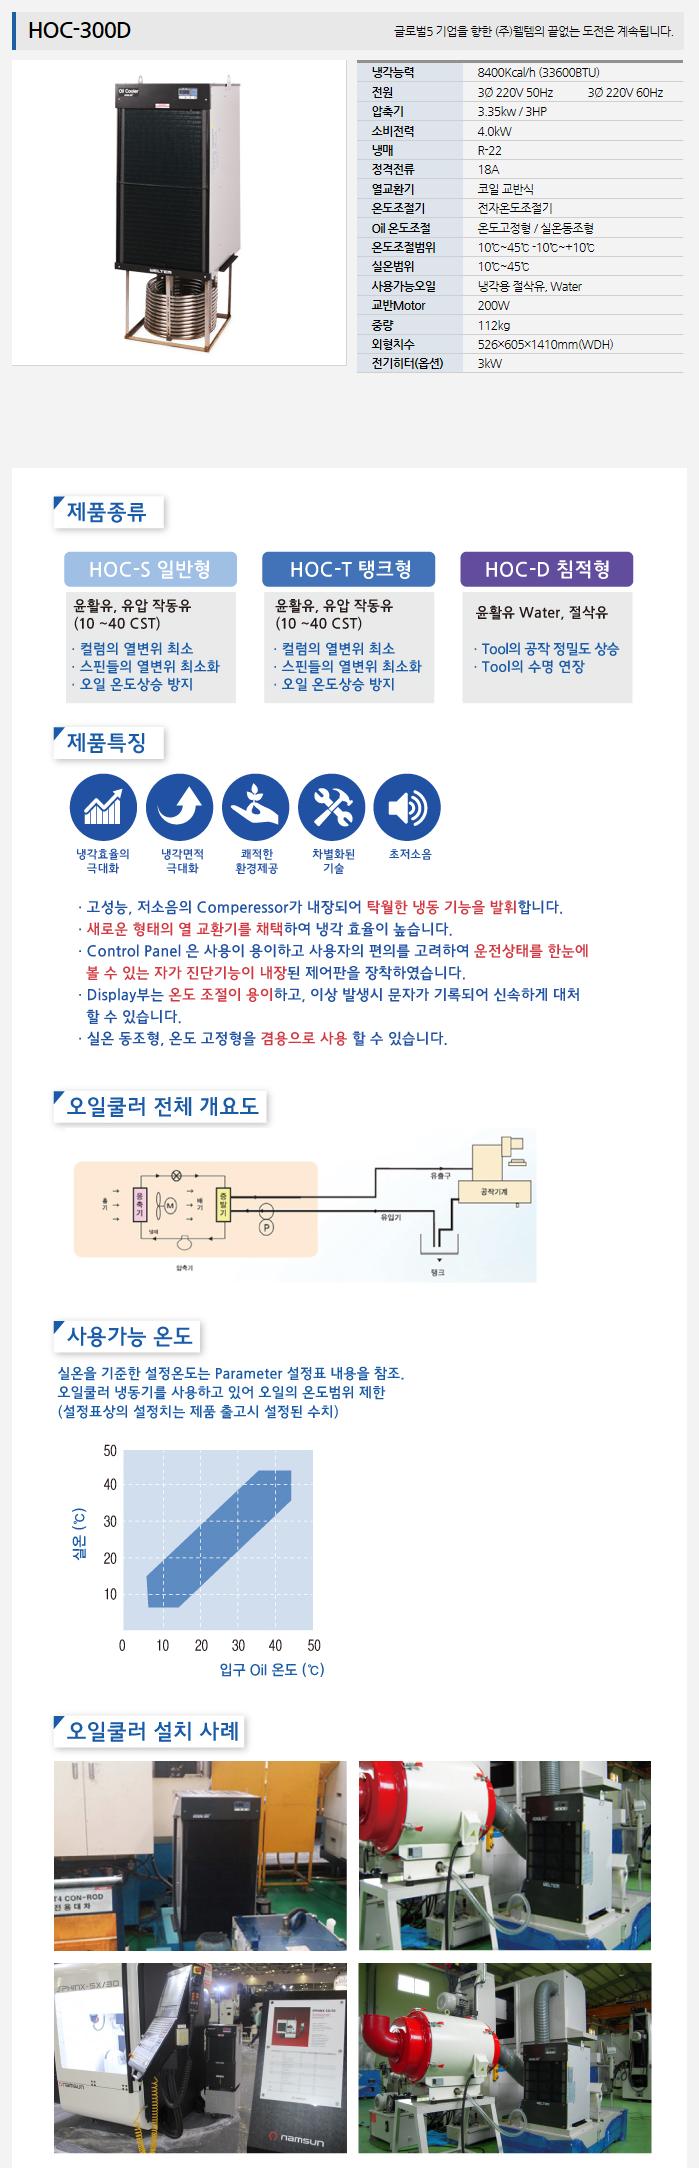 (주)웰템  HOC-300D